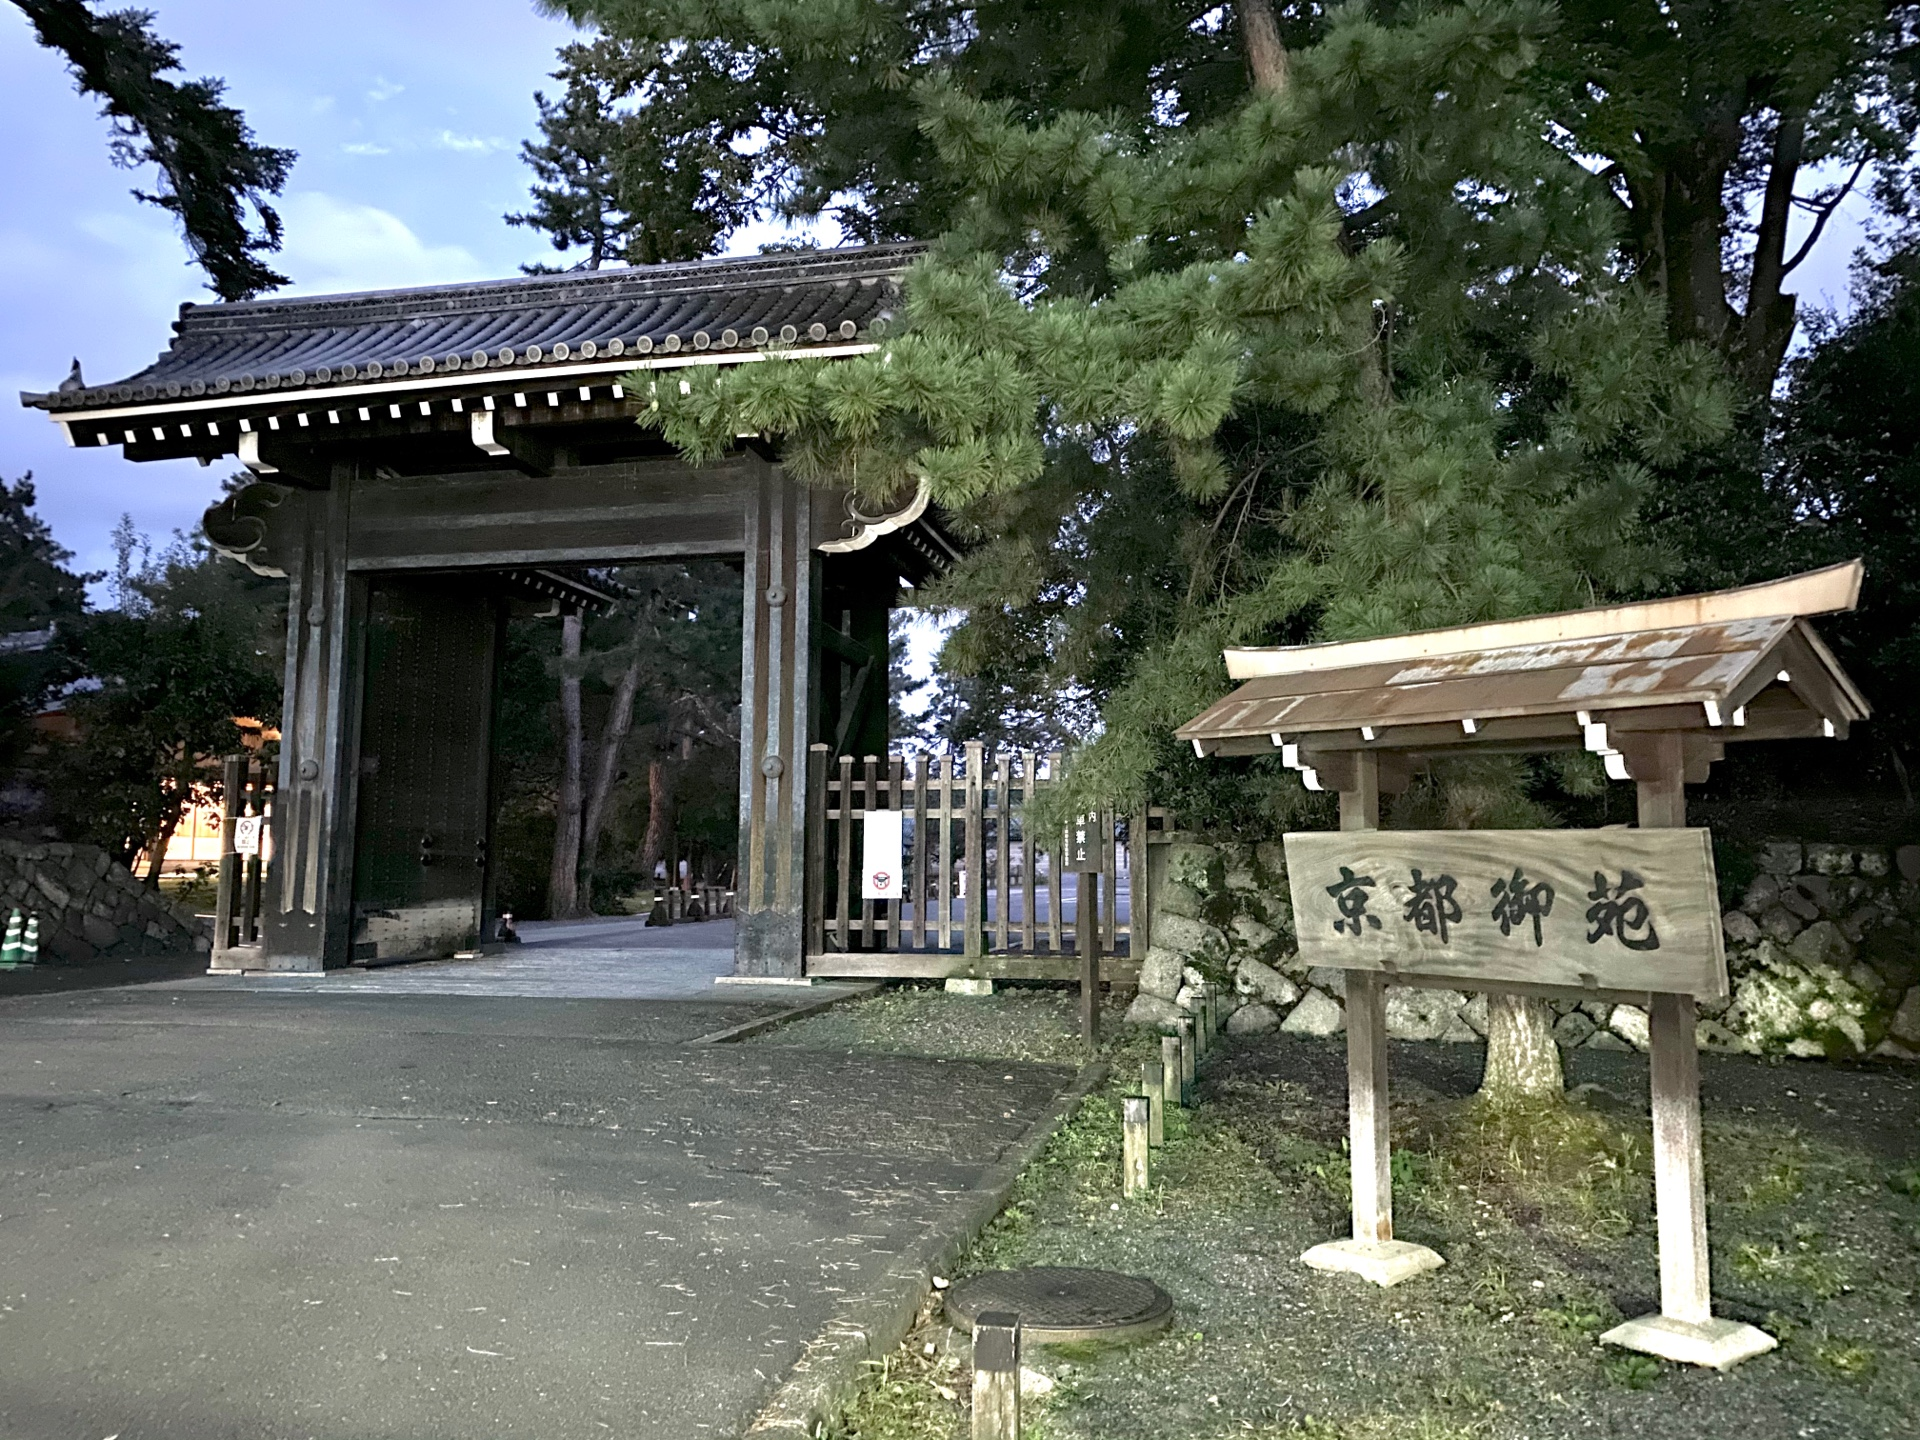 【祝 天皇陛下御即位】 即位礼正殿の儀の行われる日に、京都に行ってきた!